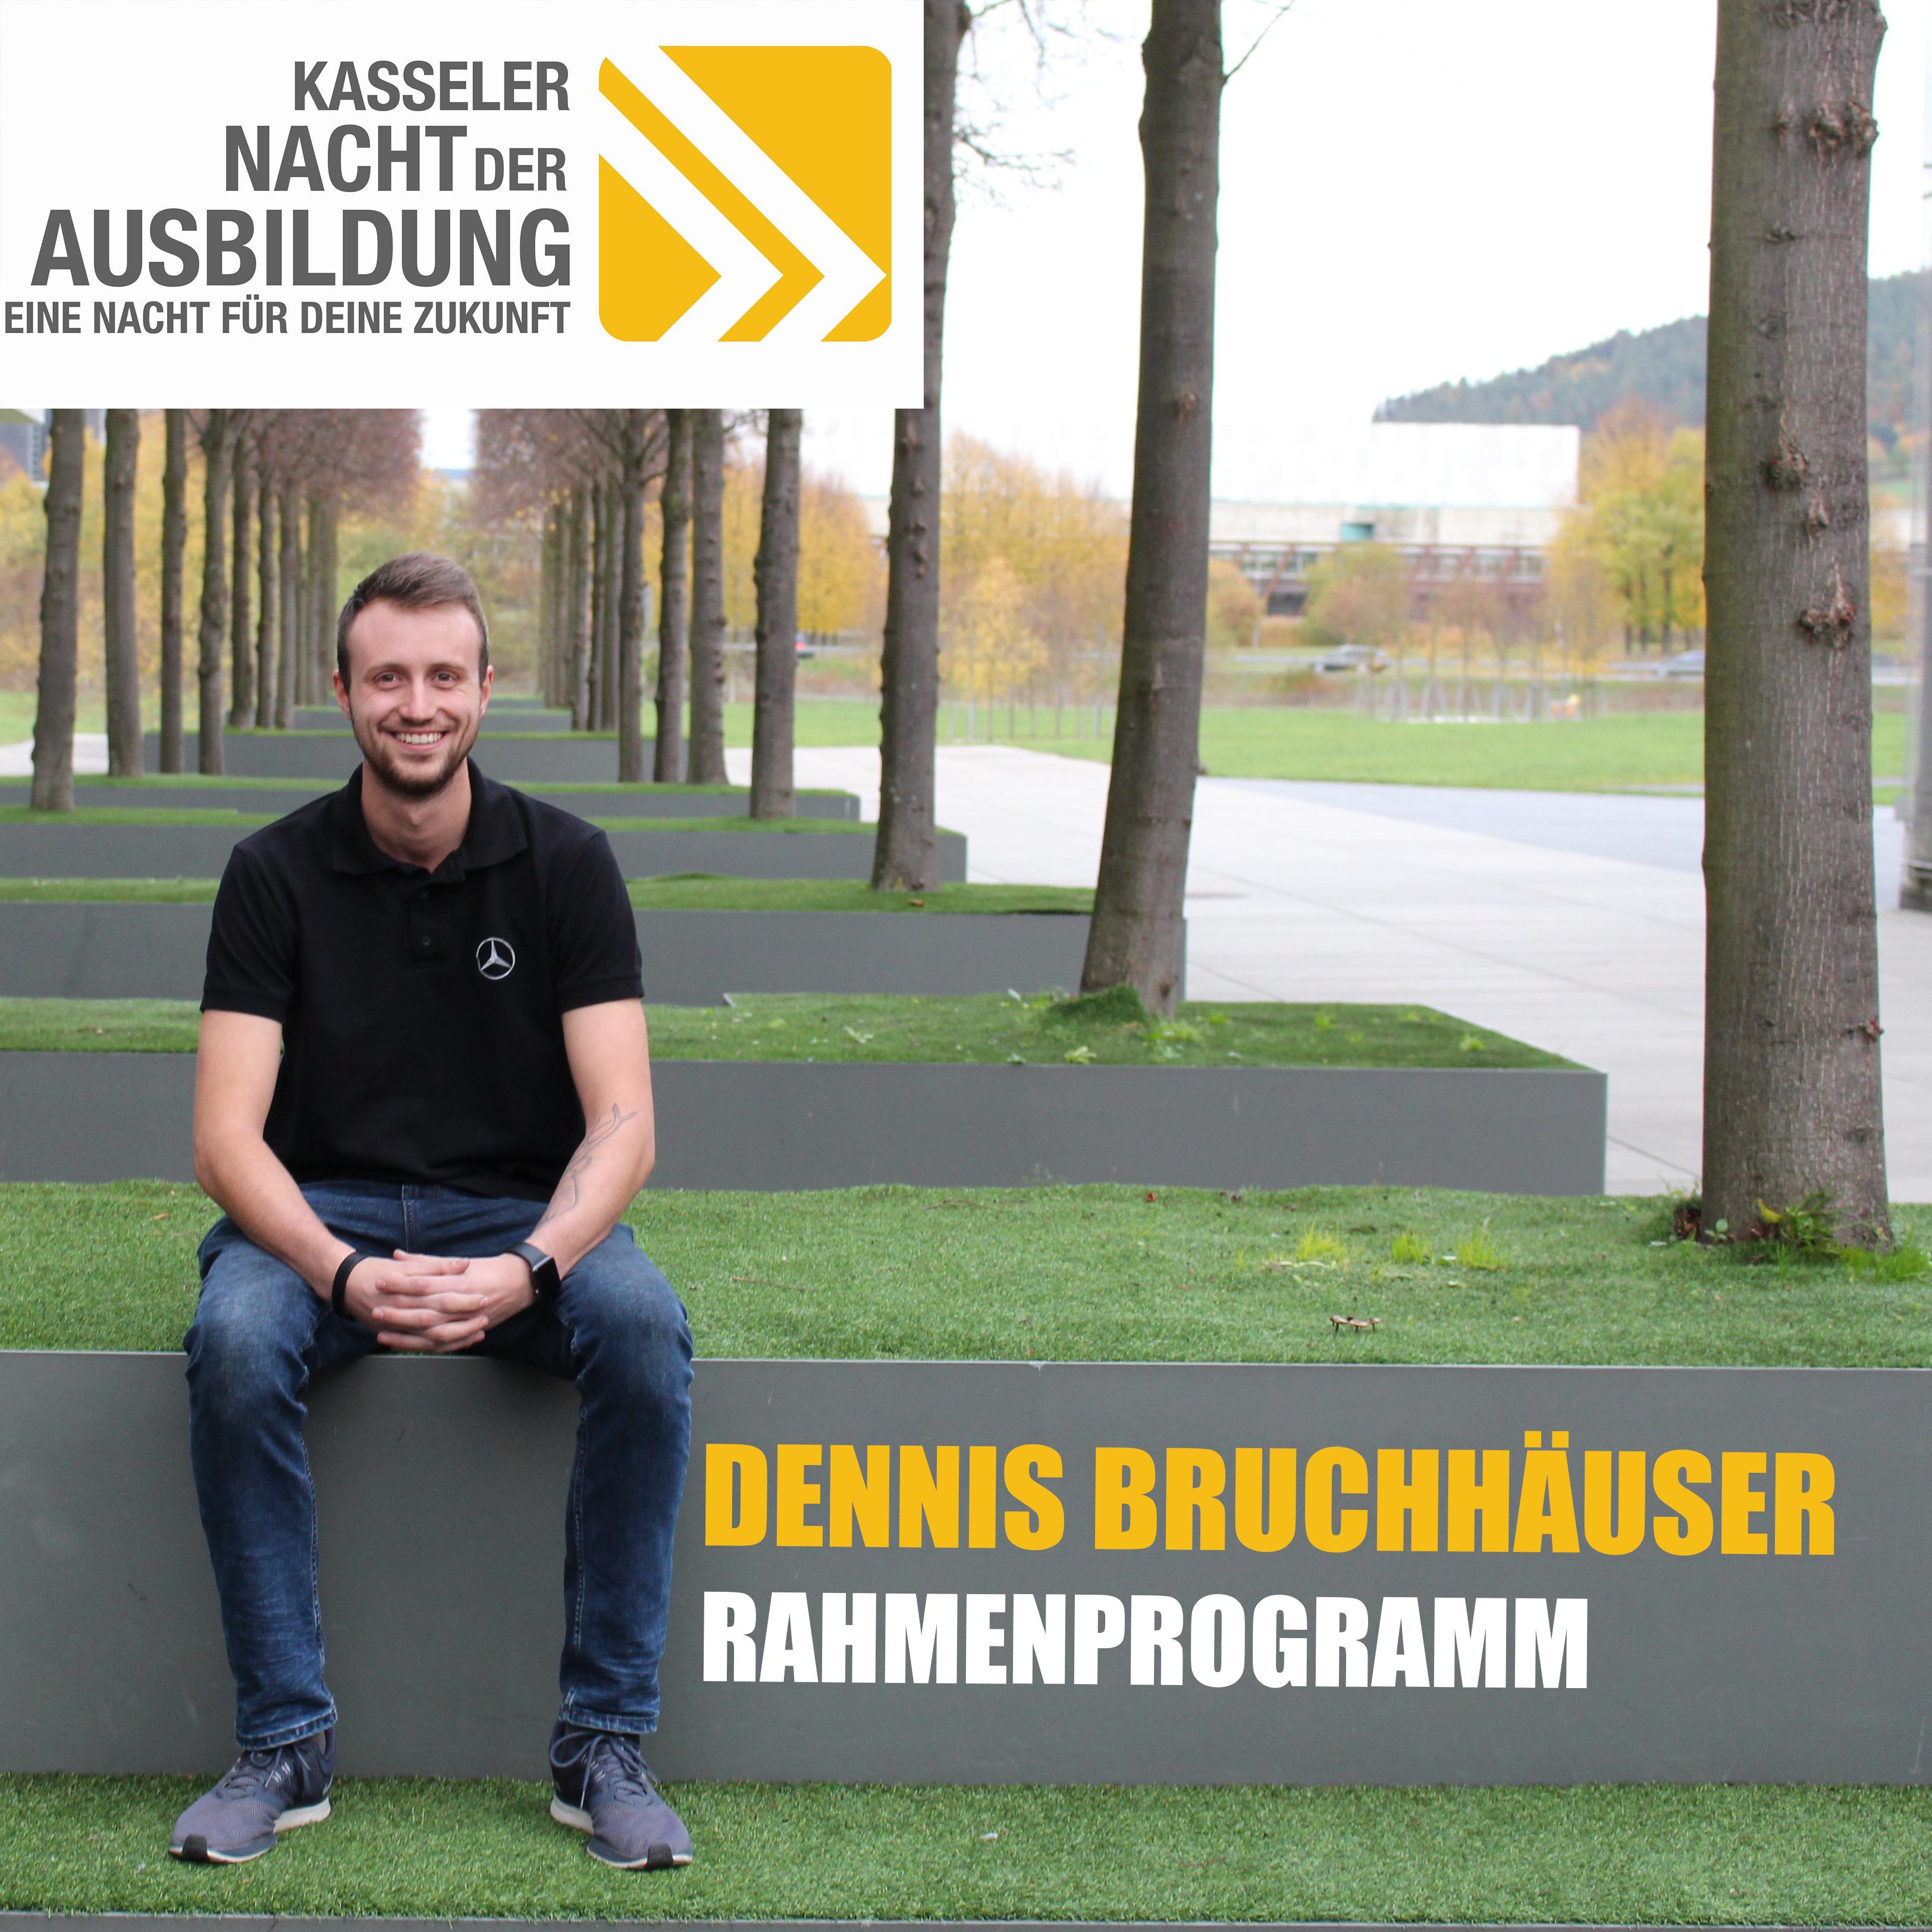 Dennis Bruchhäuser